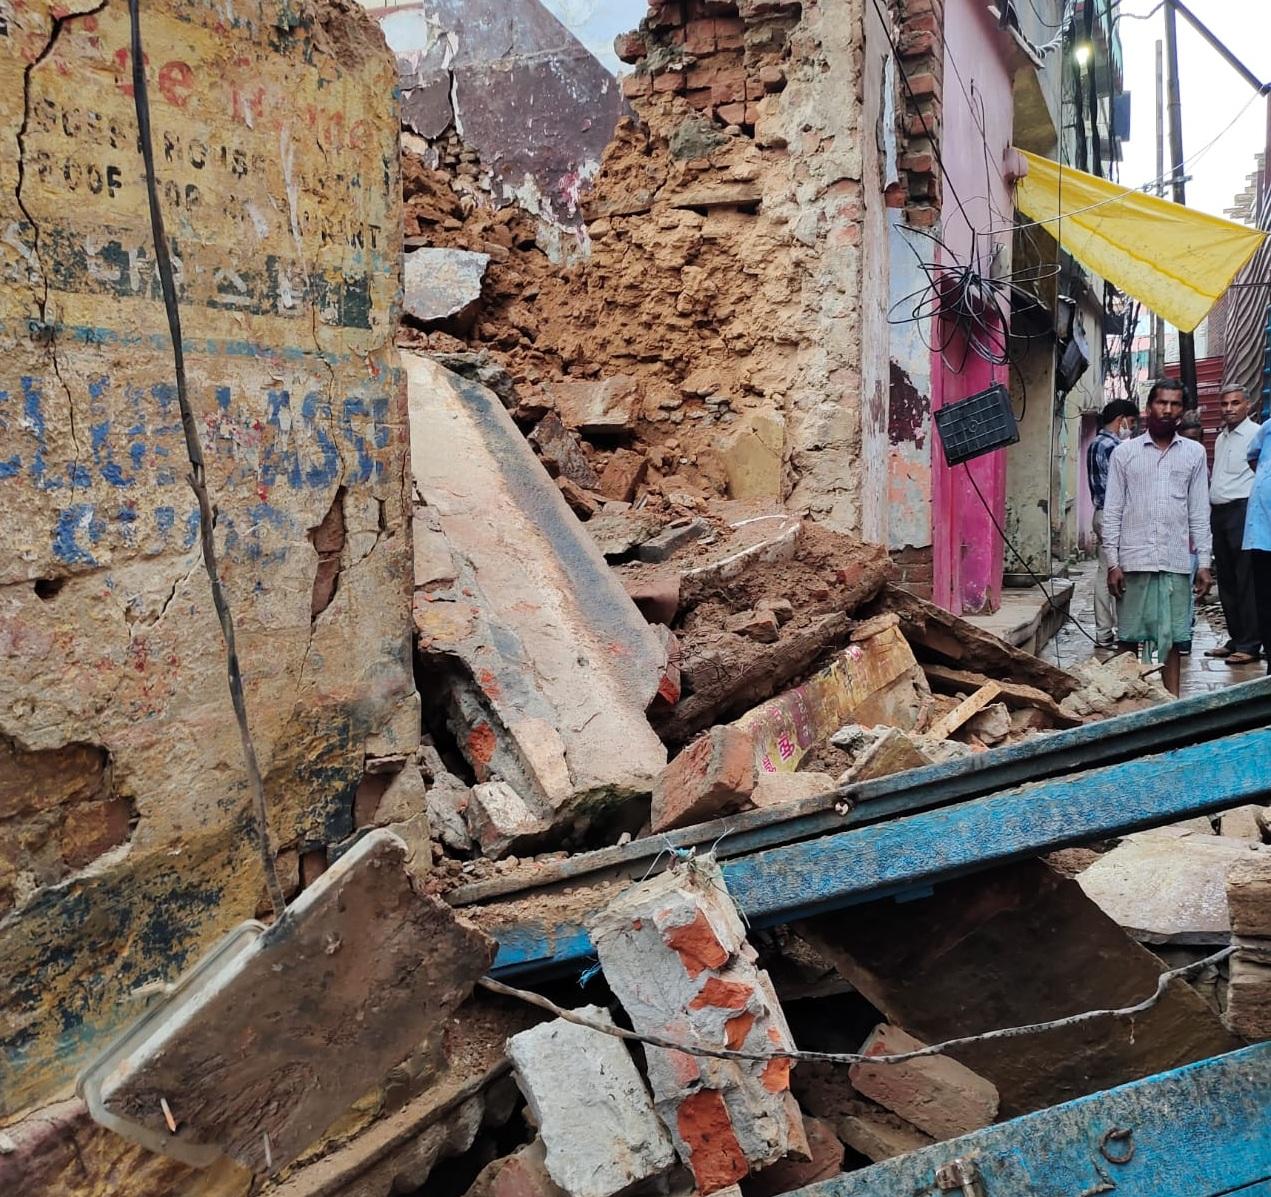 वाराणसी में मरम्मत के दौरान मकान का हिस्सा गिरा, एक मजदूर की मौत और 1 घायल...एक महीने की भीतर मकान गिरने की तीसरी घटना|वाराणसी,Varanasi - Dainik Bhaskar